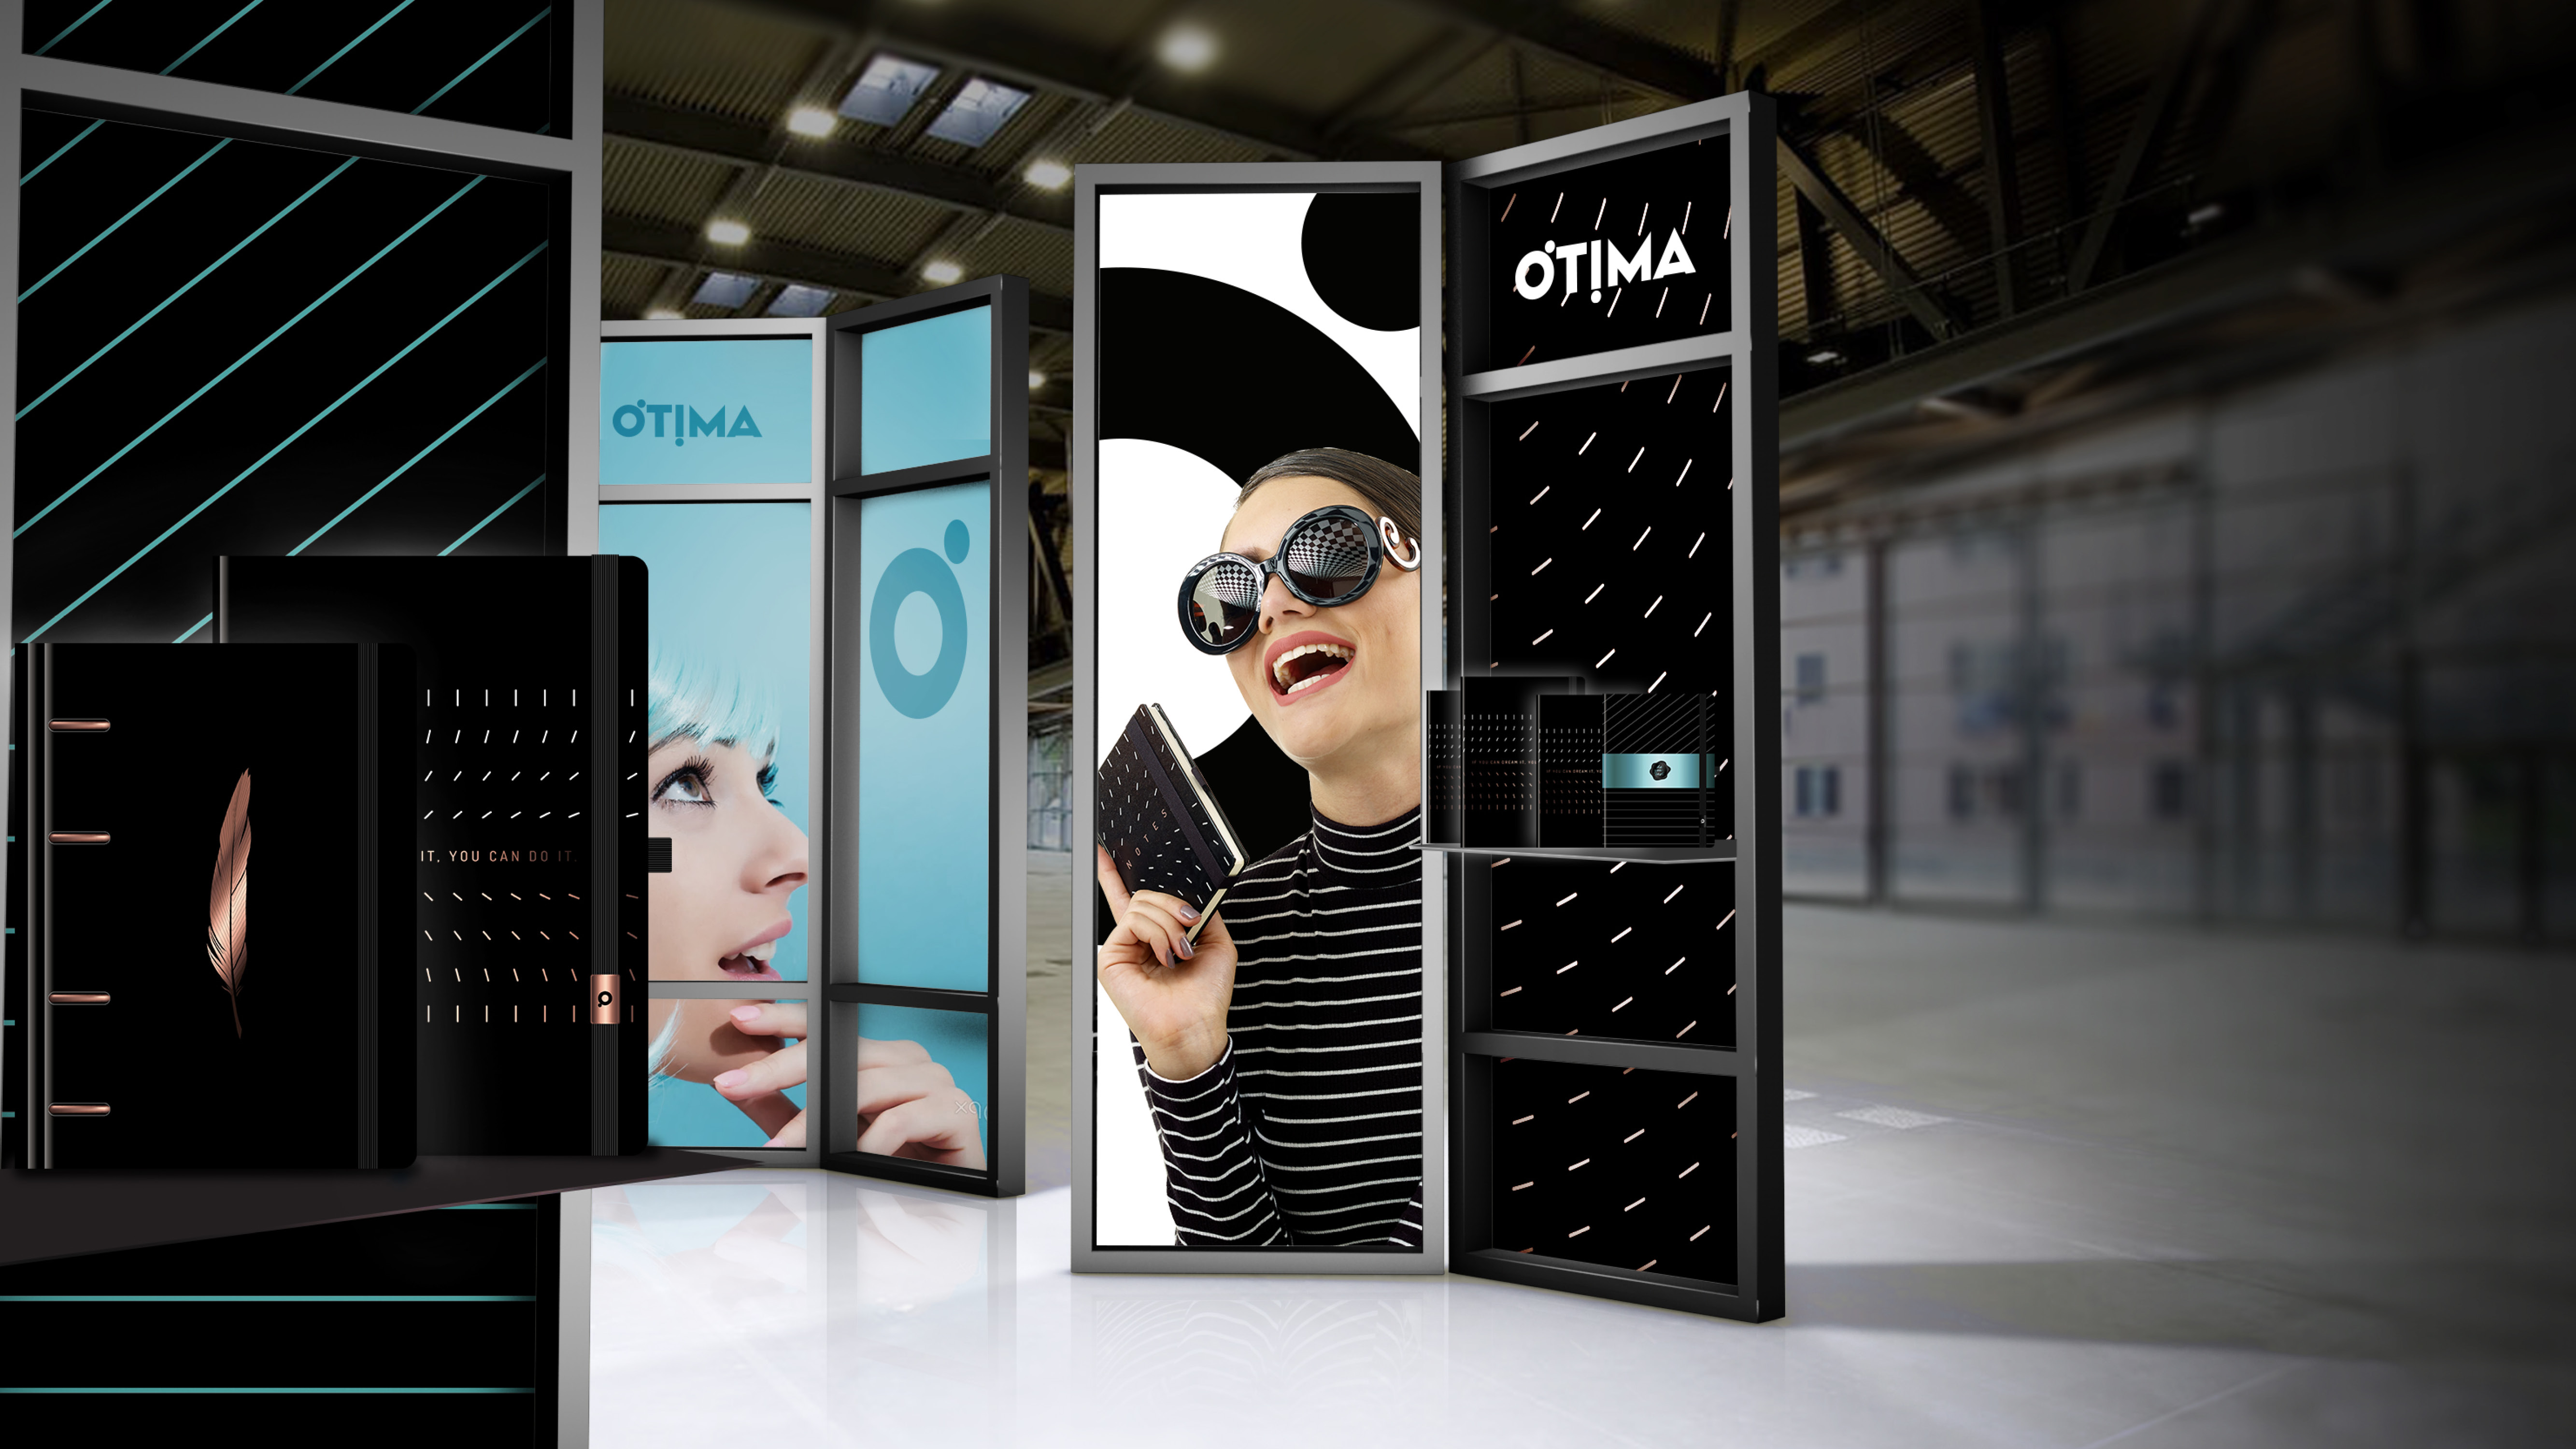 otima_brand_6